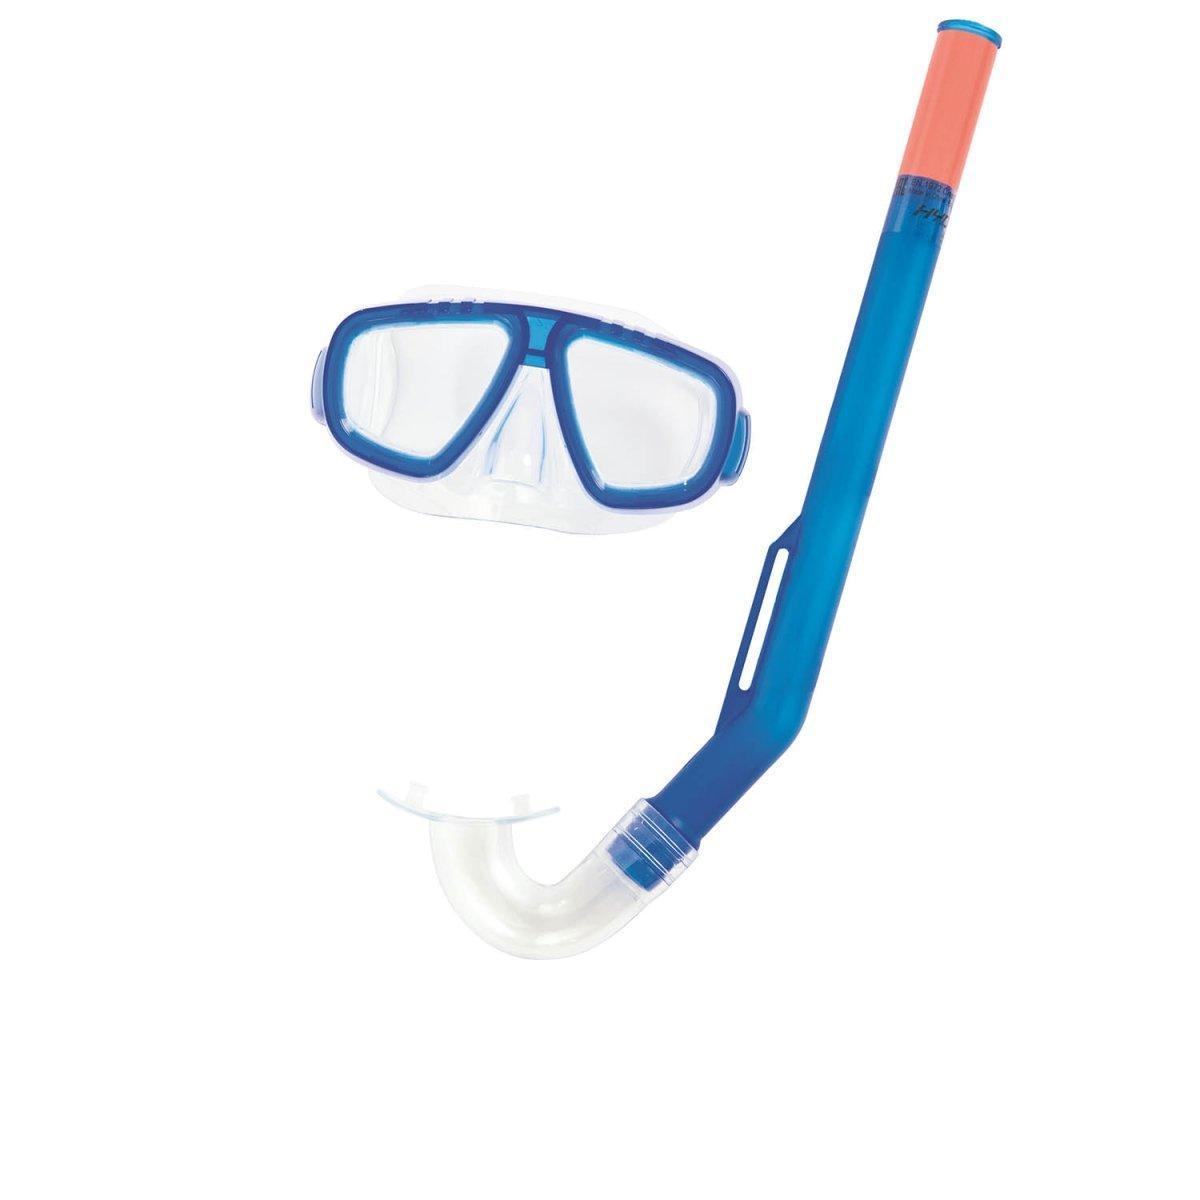 Набор 2 в 1 для ныряния Bestway 24018 (маска: размер S, (3+), обхват головы ≈ 50 см, трубка), синий